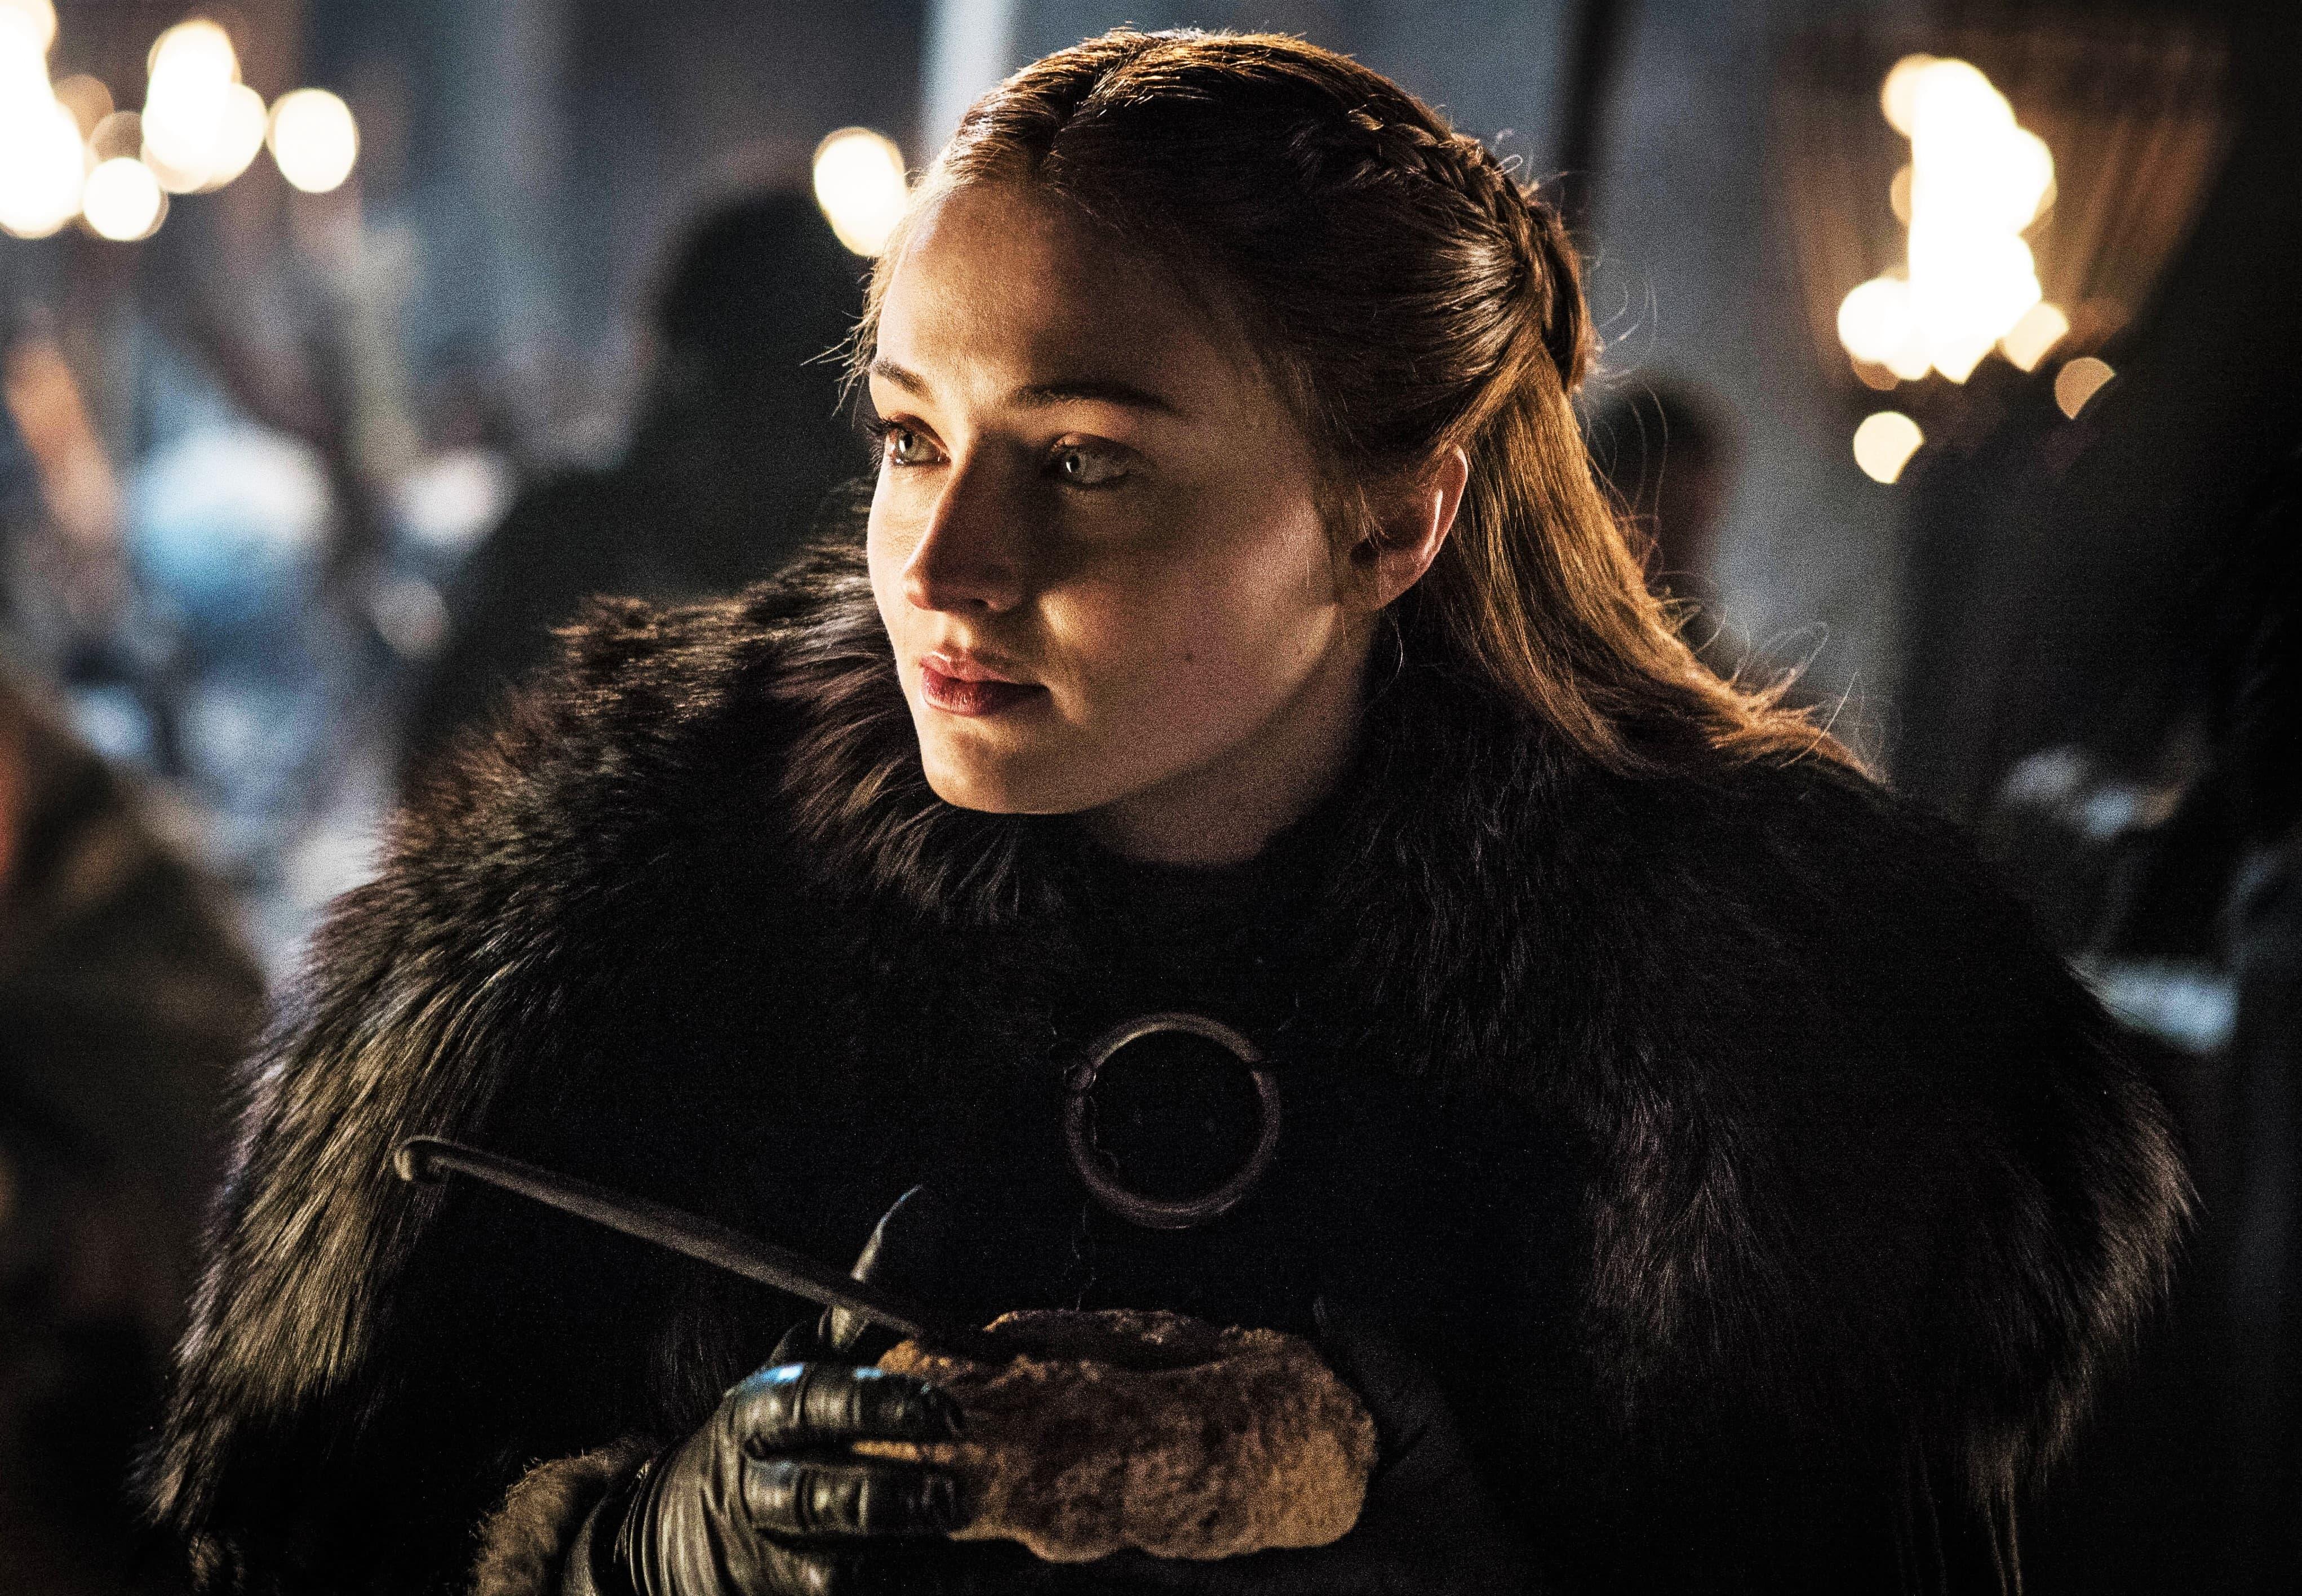 Sansa Stark Winterfell Season 8